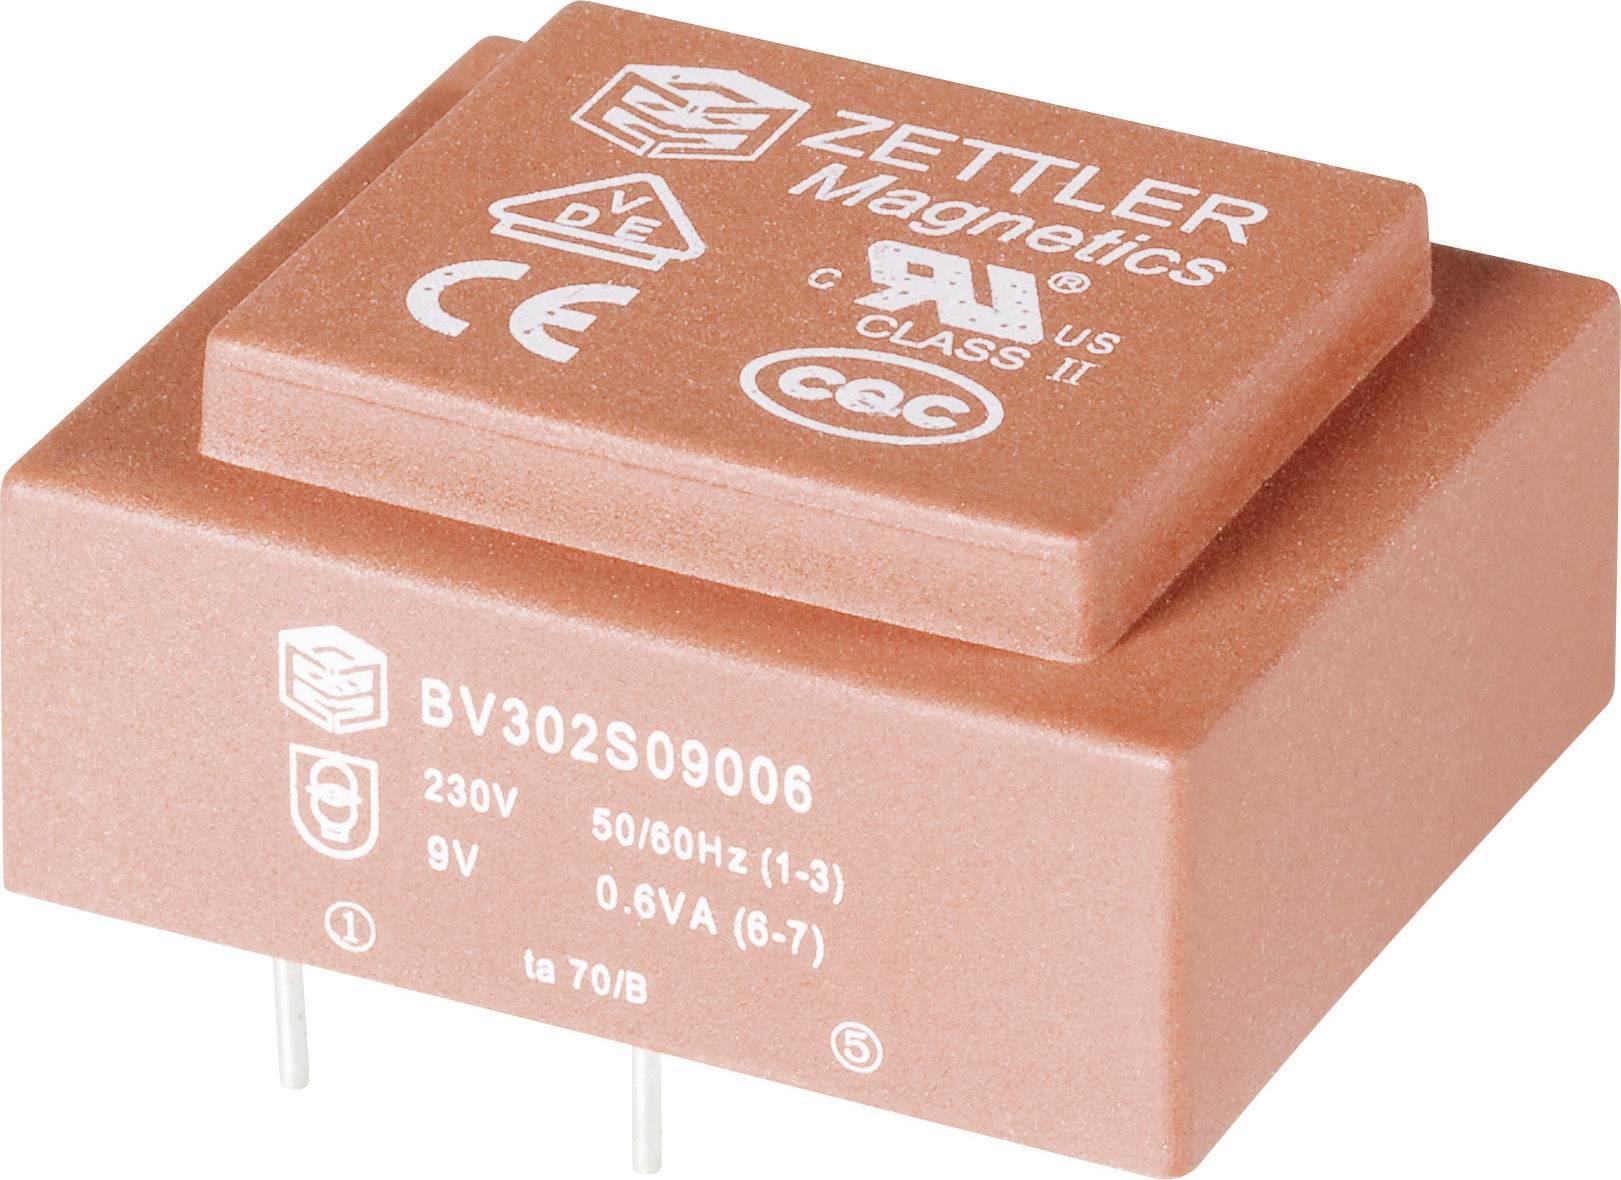 Transformátor do DPS Zettler Magnetics El30, 230 V/2x 24 V, 2x 12 mA, 0,6 VA